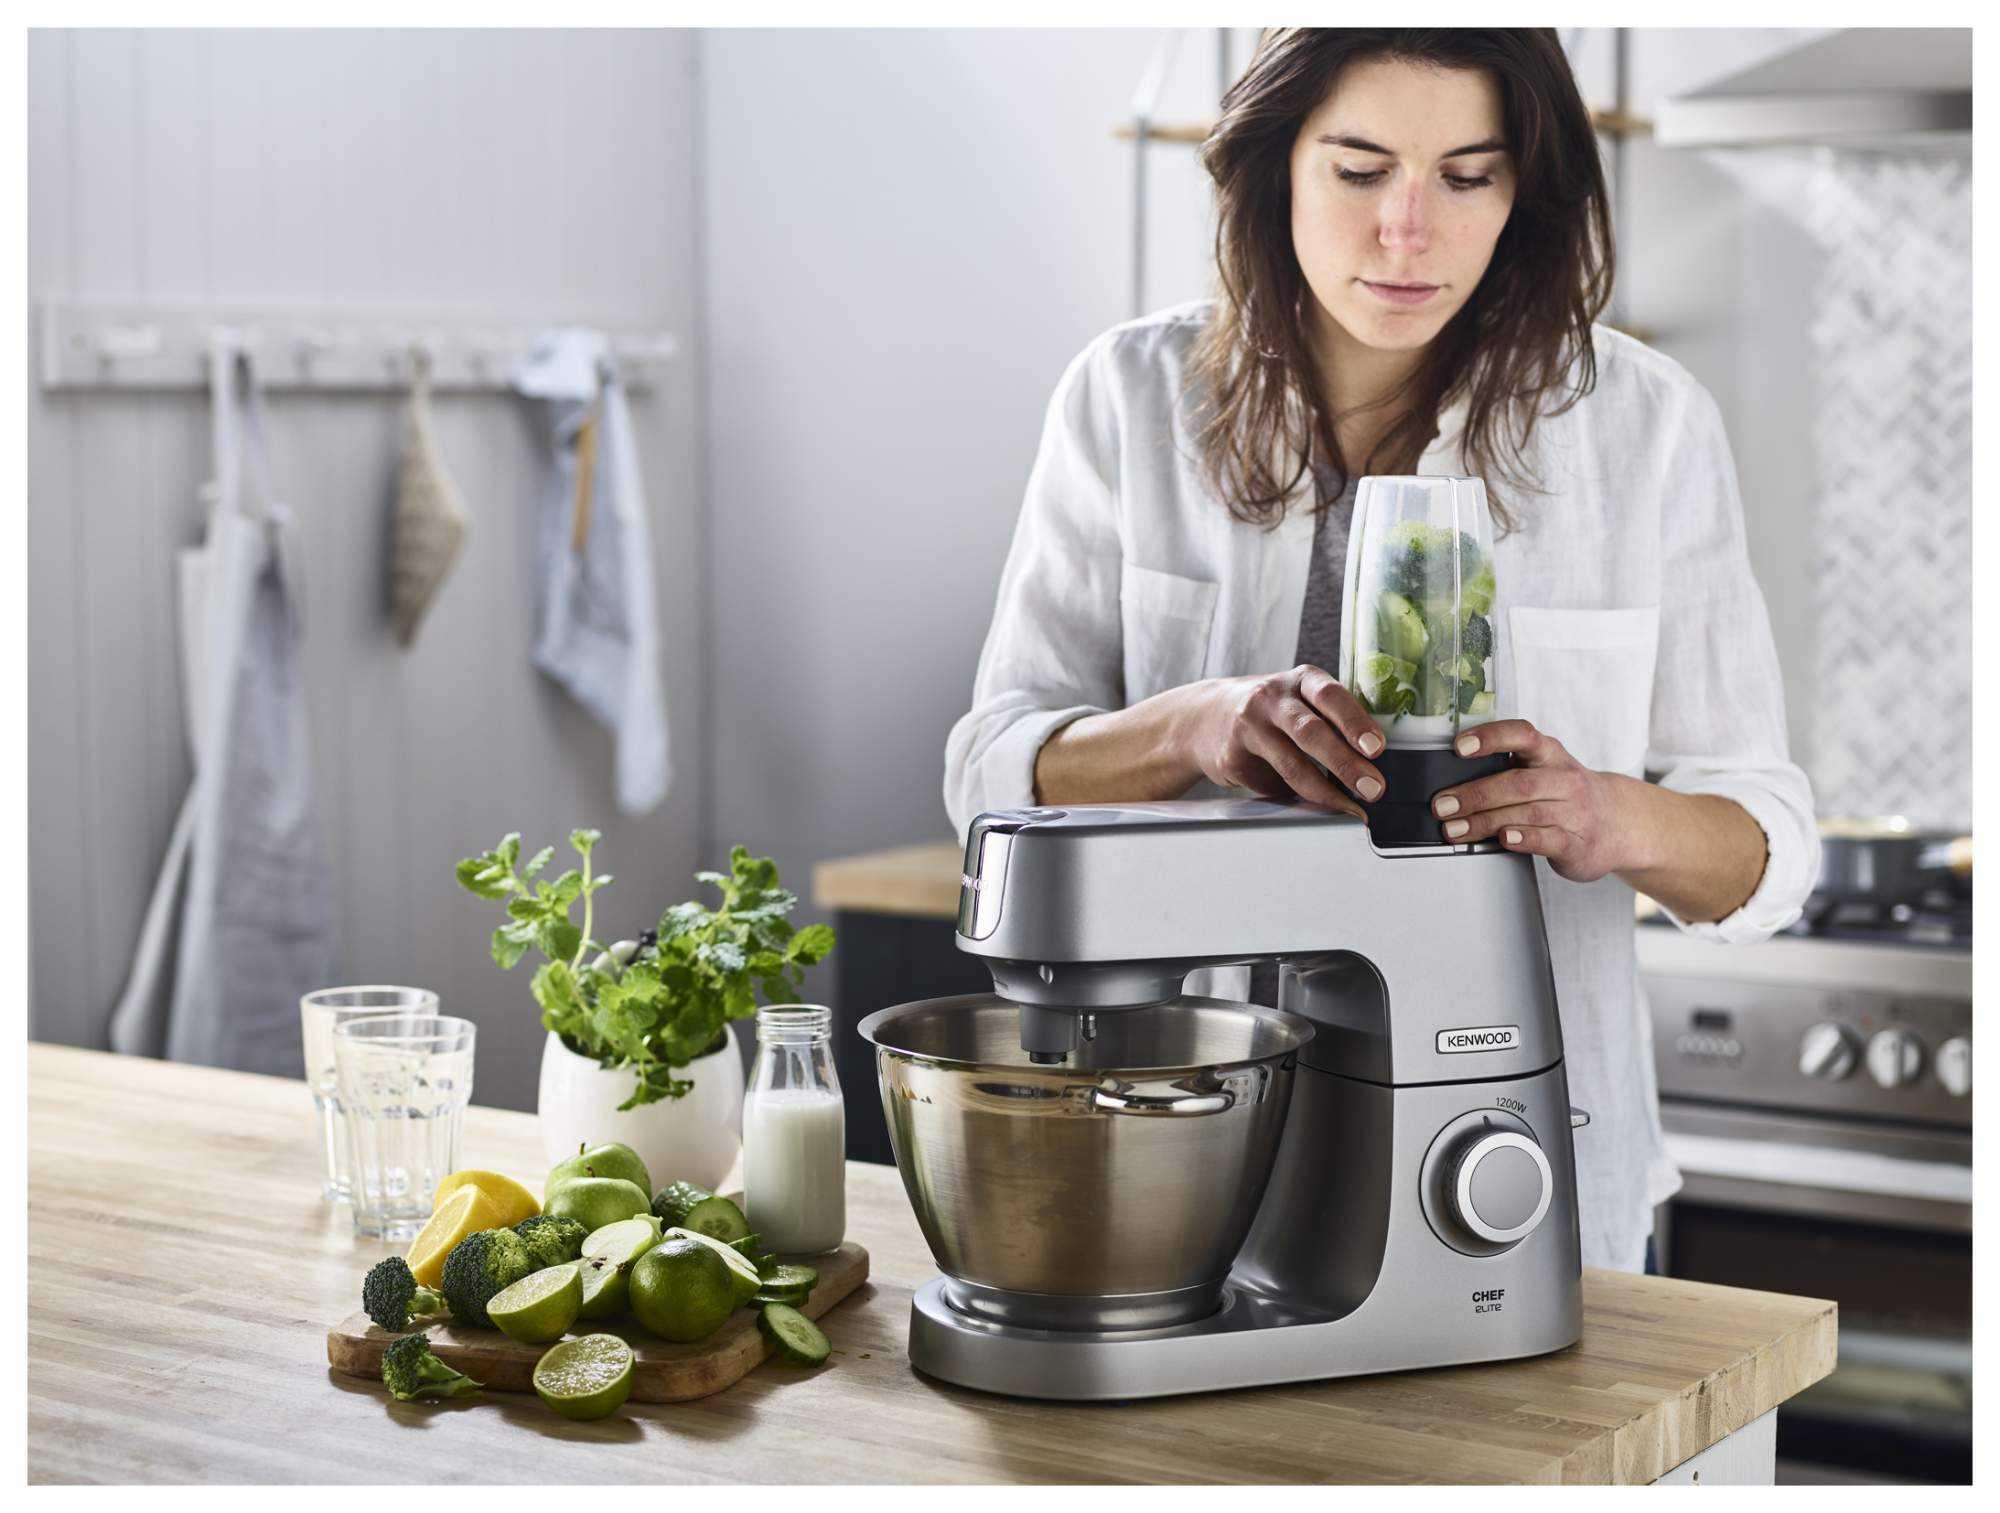 Рейтинг лучших кухонных комбайнов для дома в 2019 году